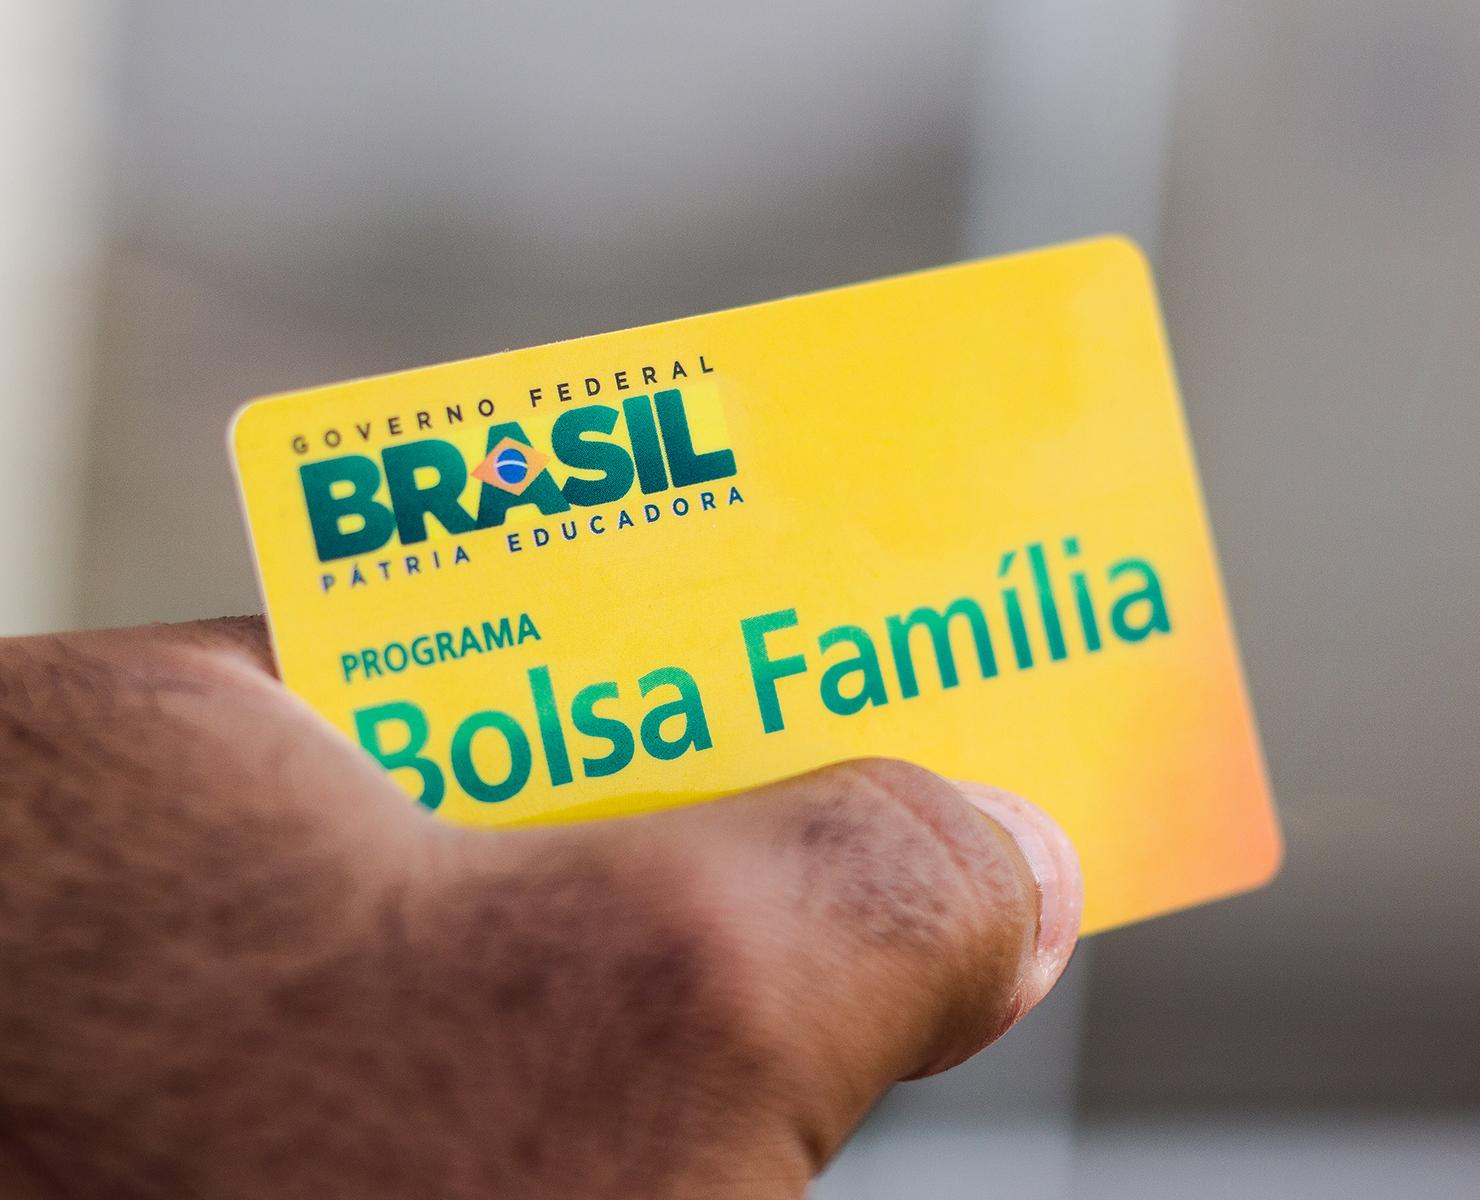 BOLSA FAMÍLIA: ÚLTIMOS DIAS PARA CONTESTAR BLOQUEIO DO AUXÍLIO EMERGENCIAL